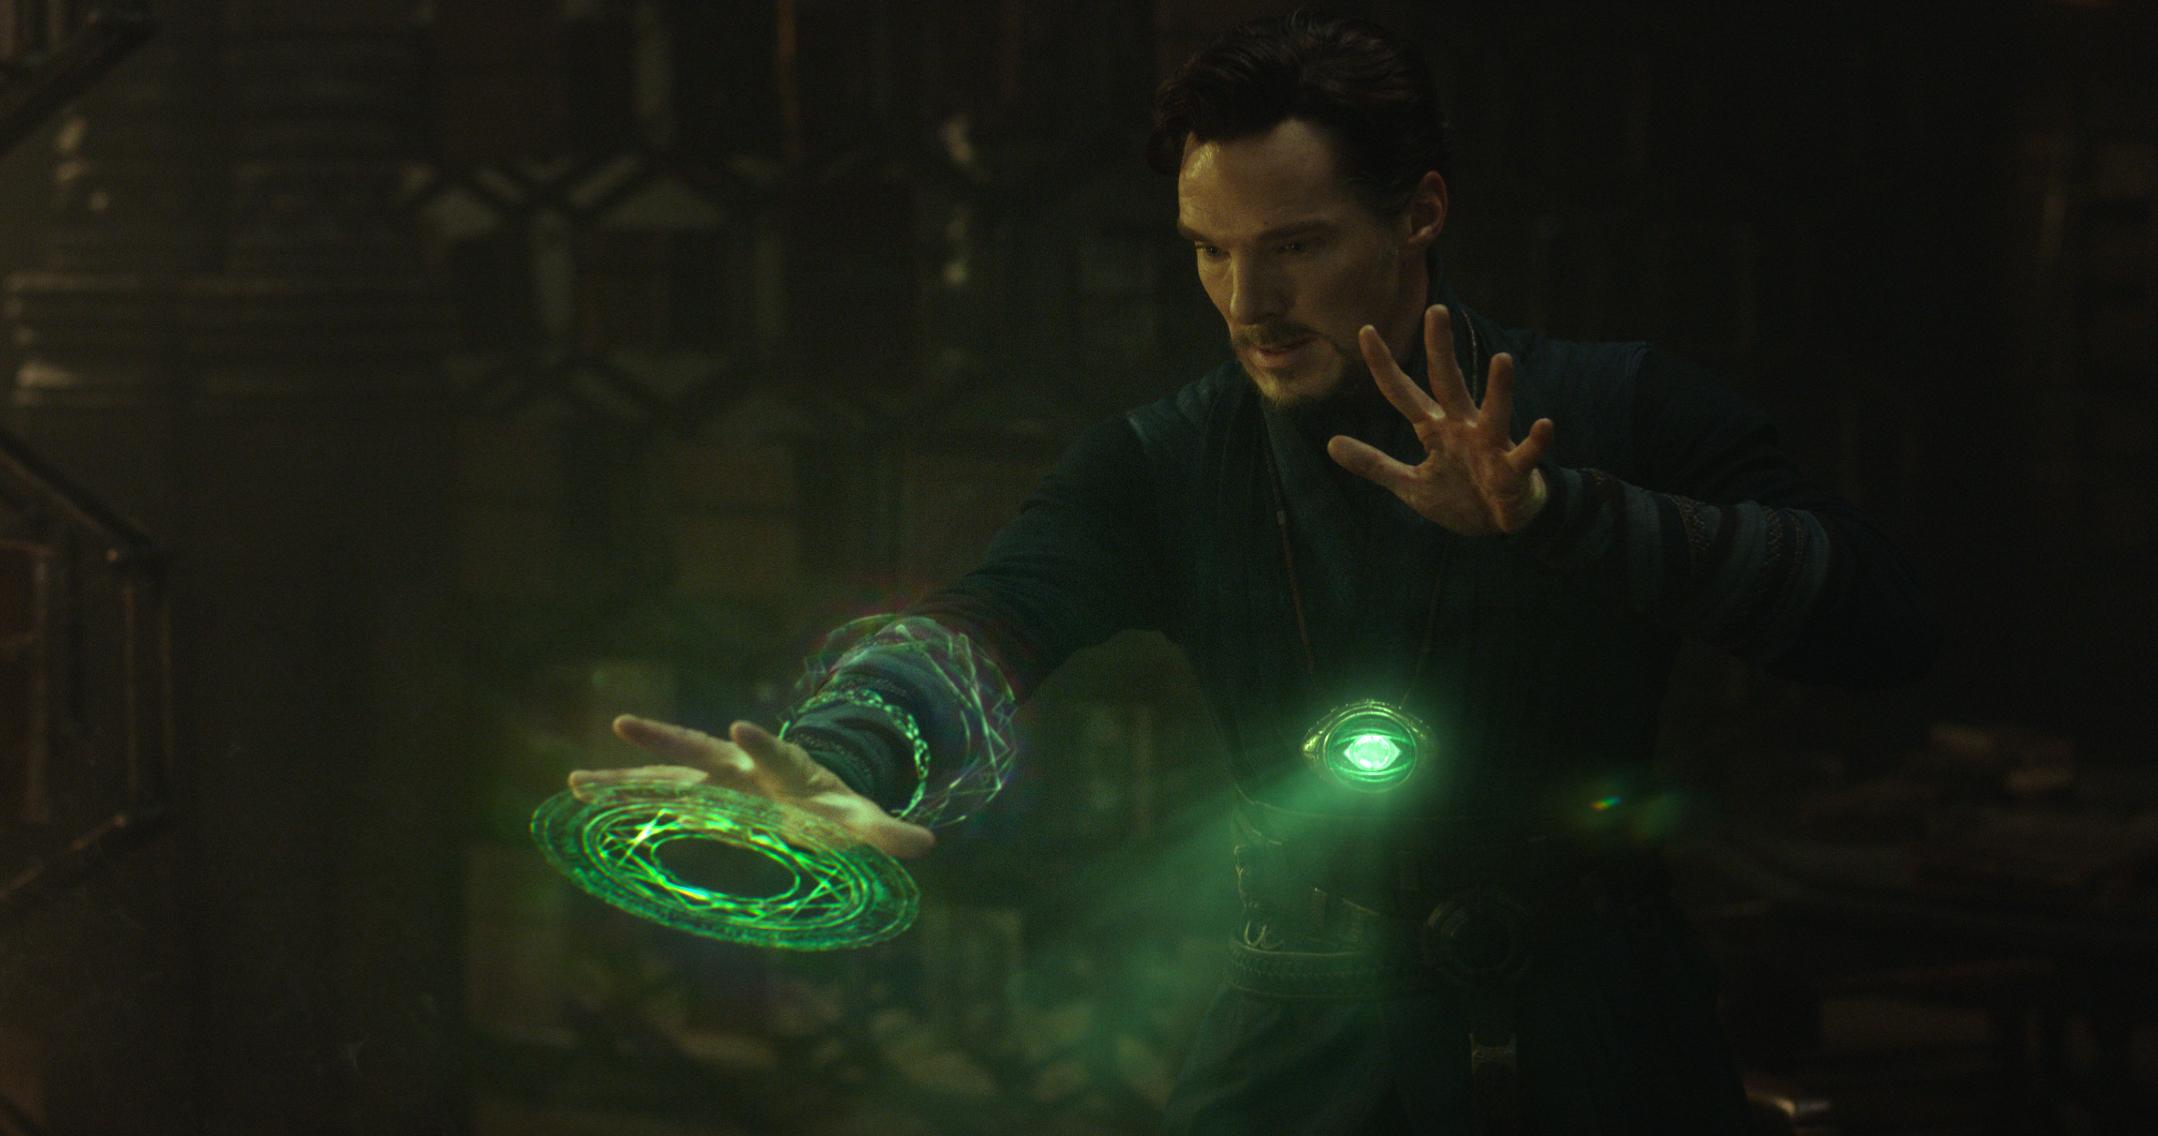 Keressünk az állunk a Doktor Strange új szinkronos előzetesétől